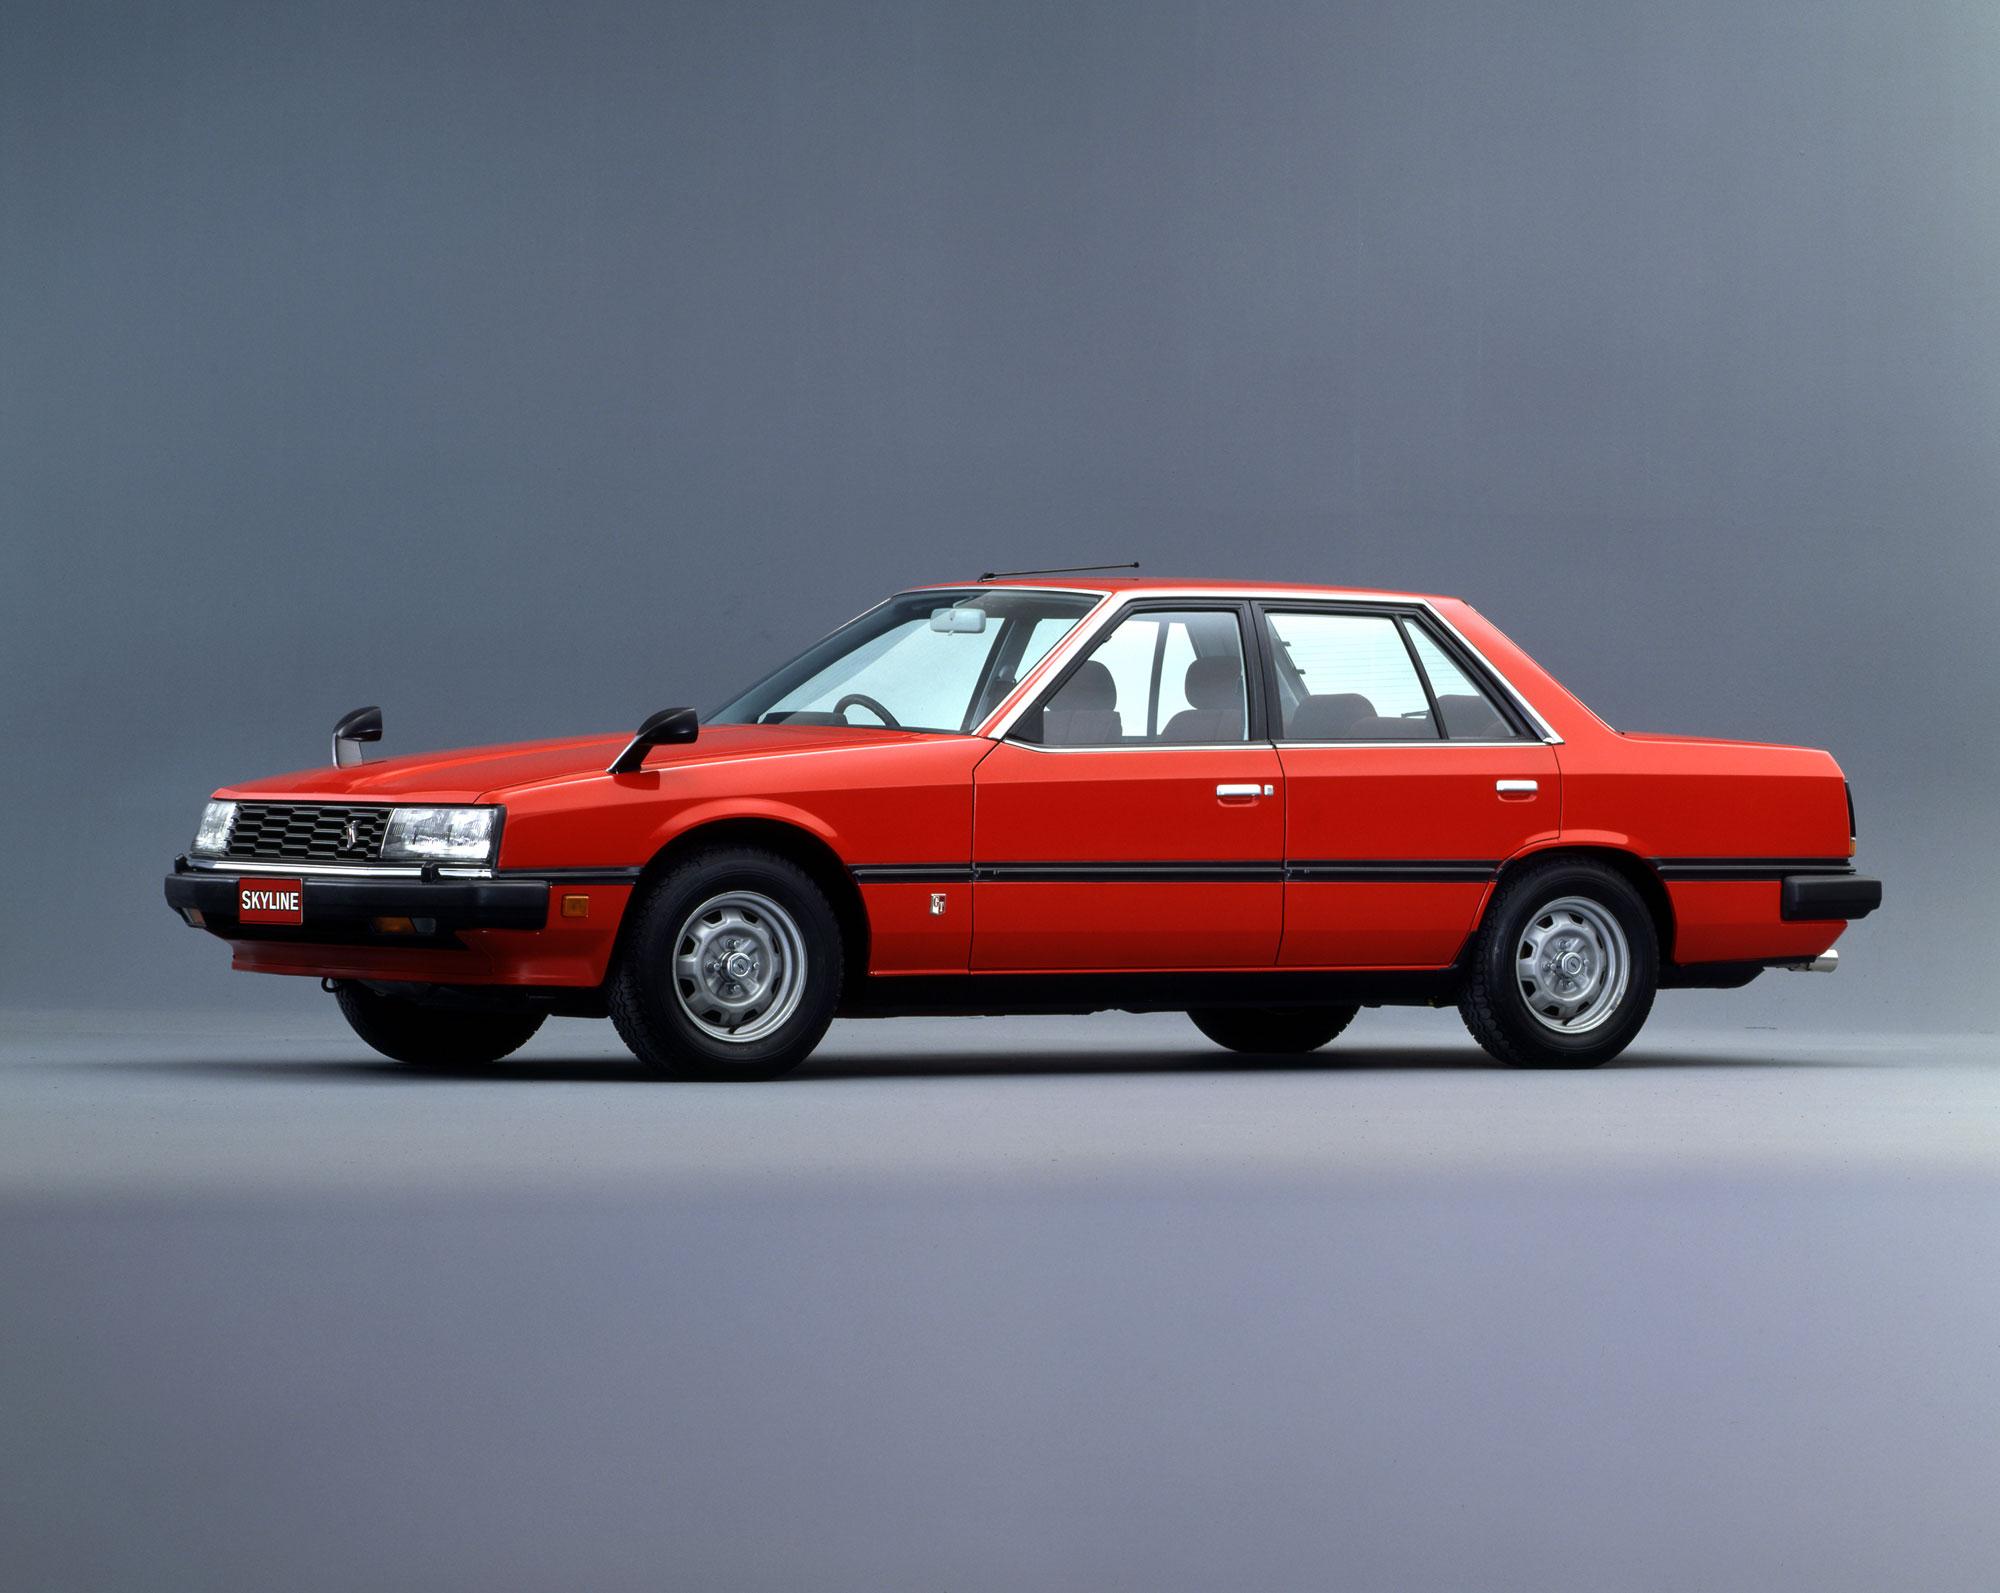 Nissan Skyline VI (R30) 1981 - 1985 Sedan #6